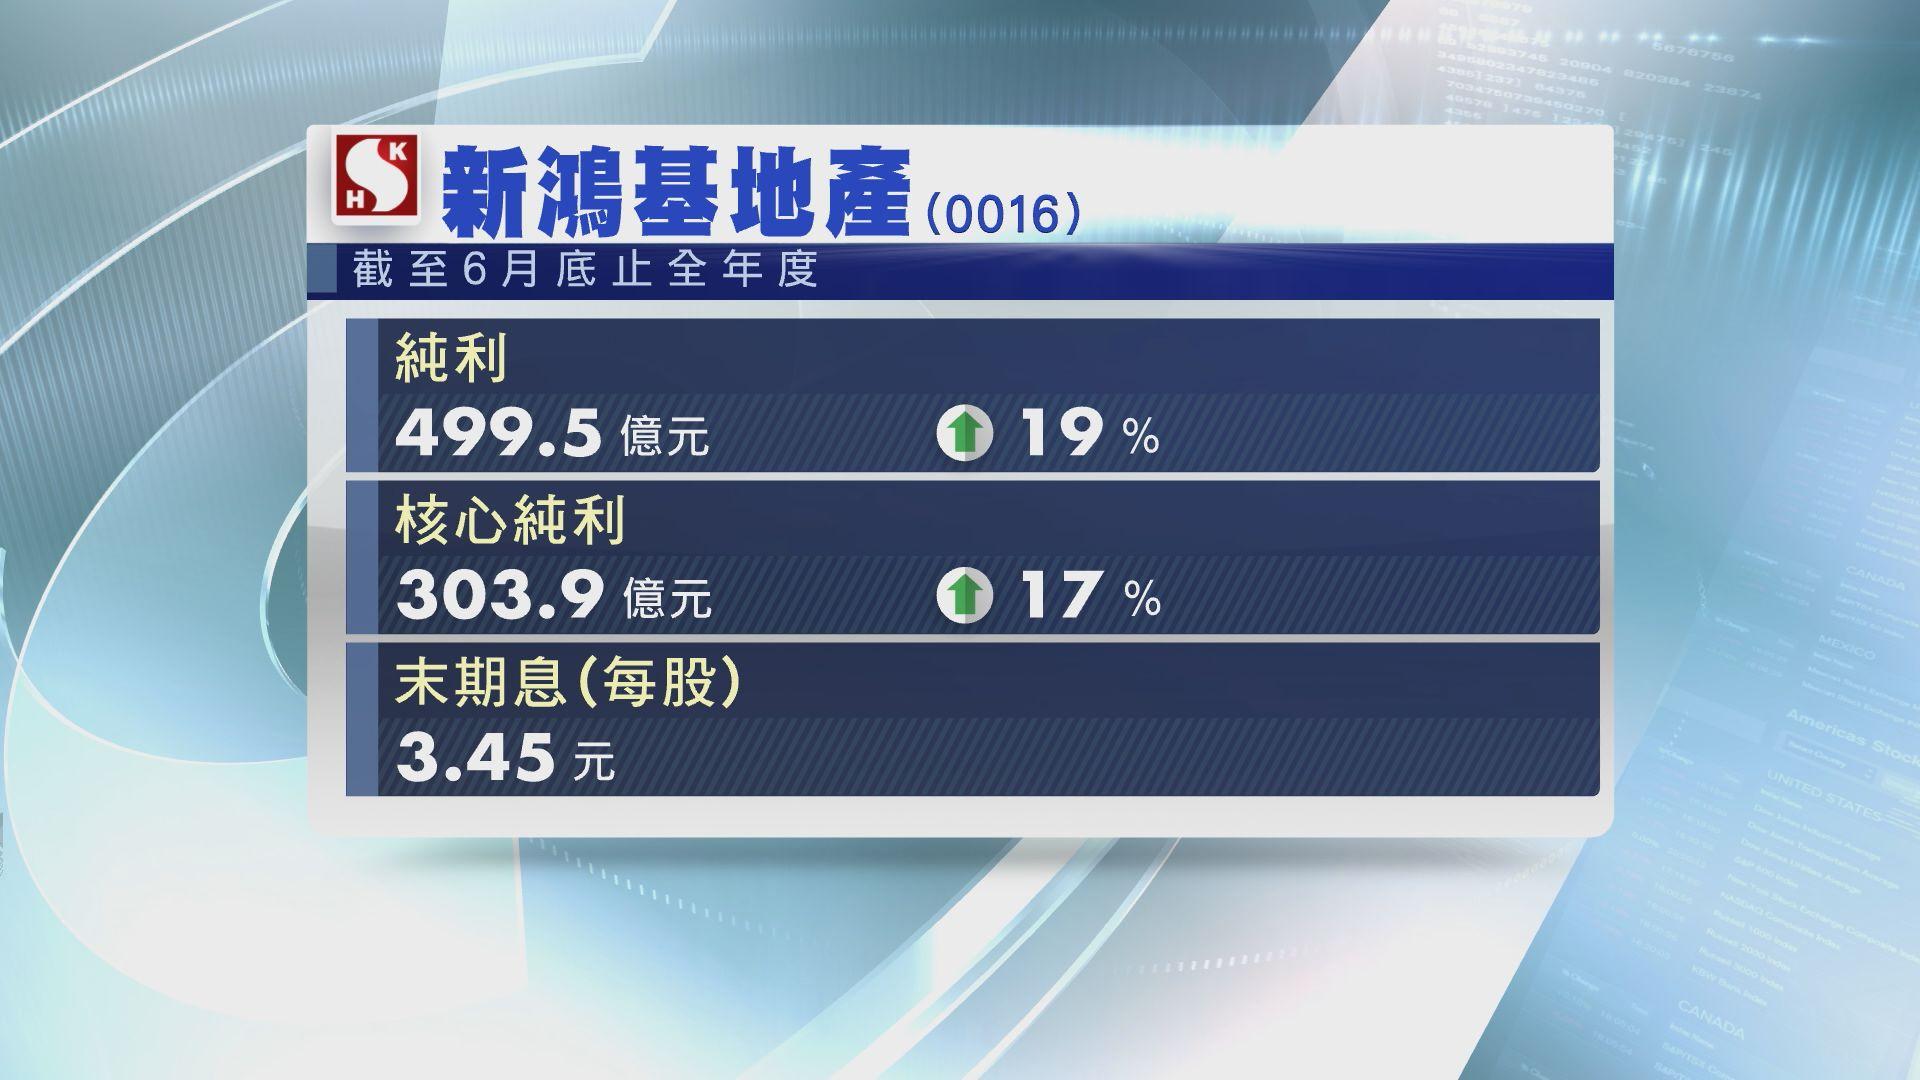 【業績速報】新地全年多賺19% 息$3.45